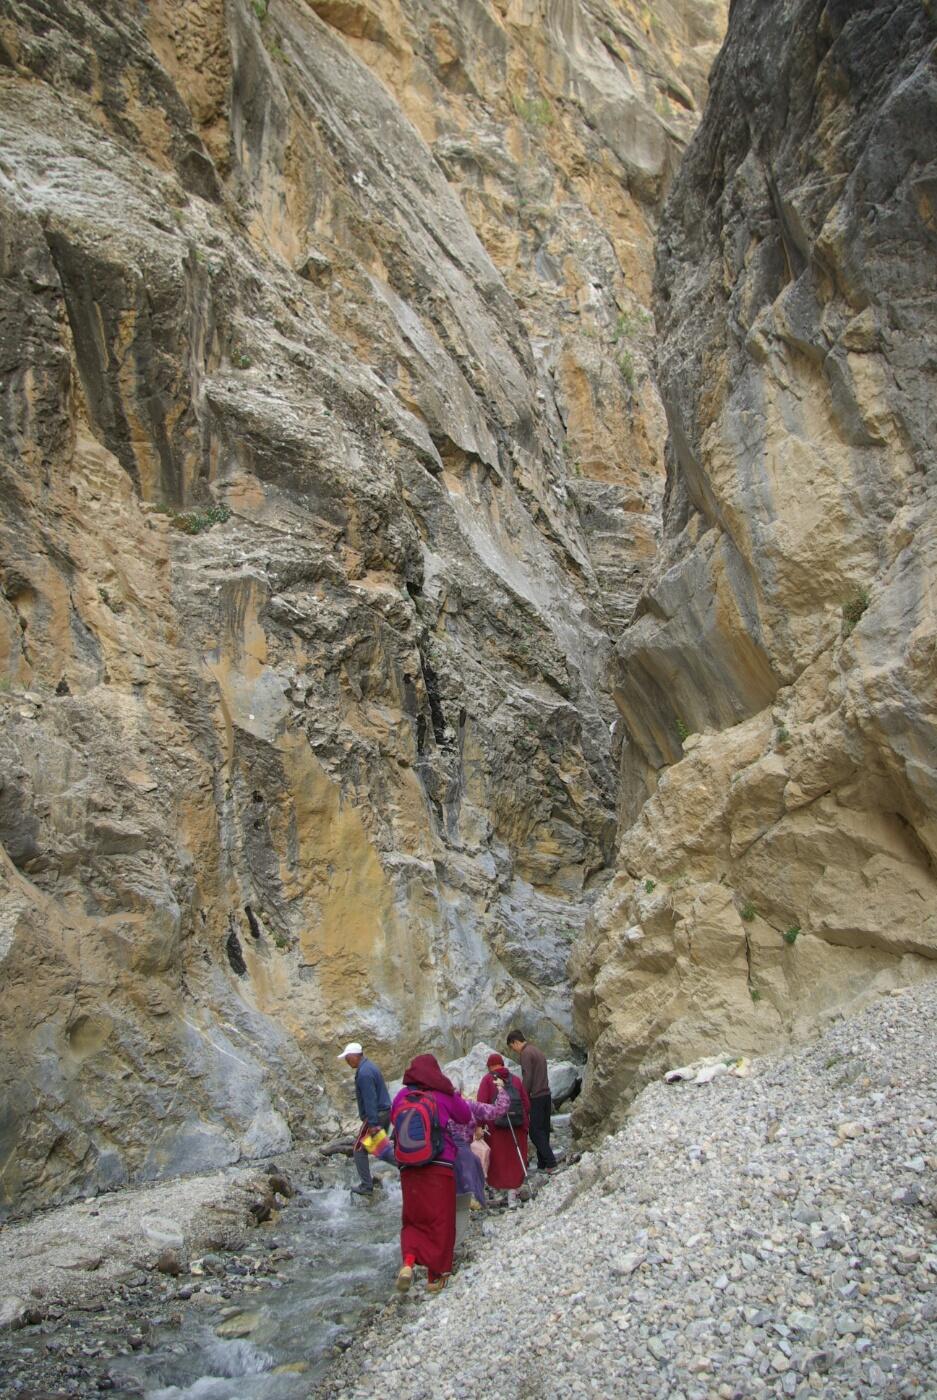 Phokar, Padmasambhava: Große Steine helfen beim Überqueren